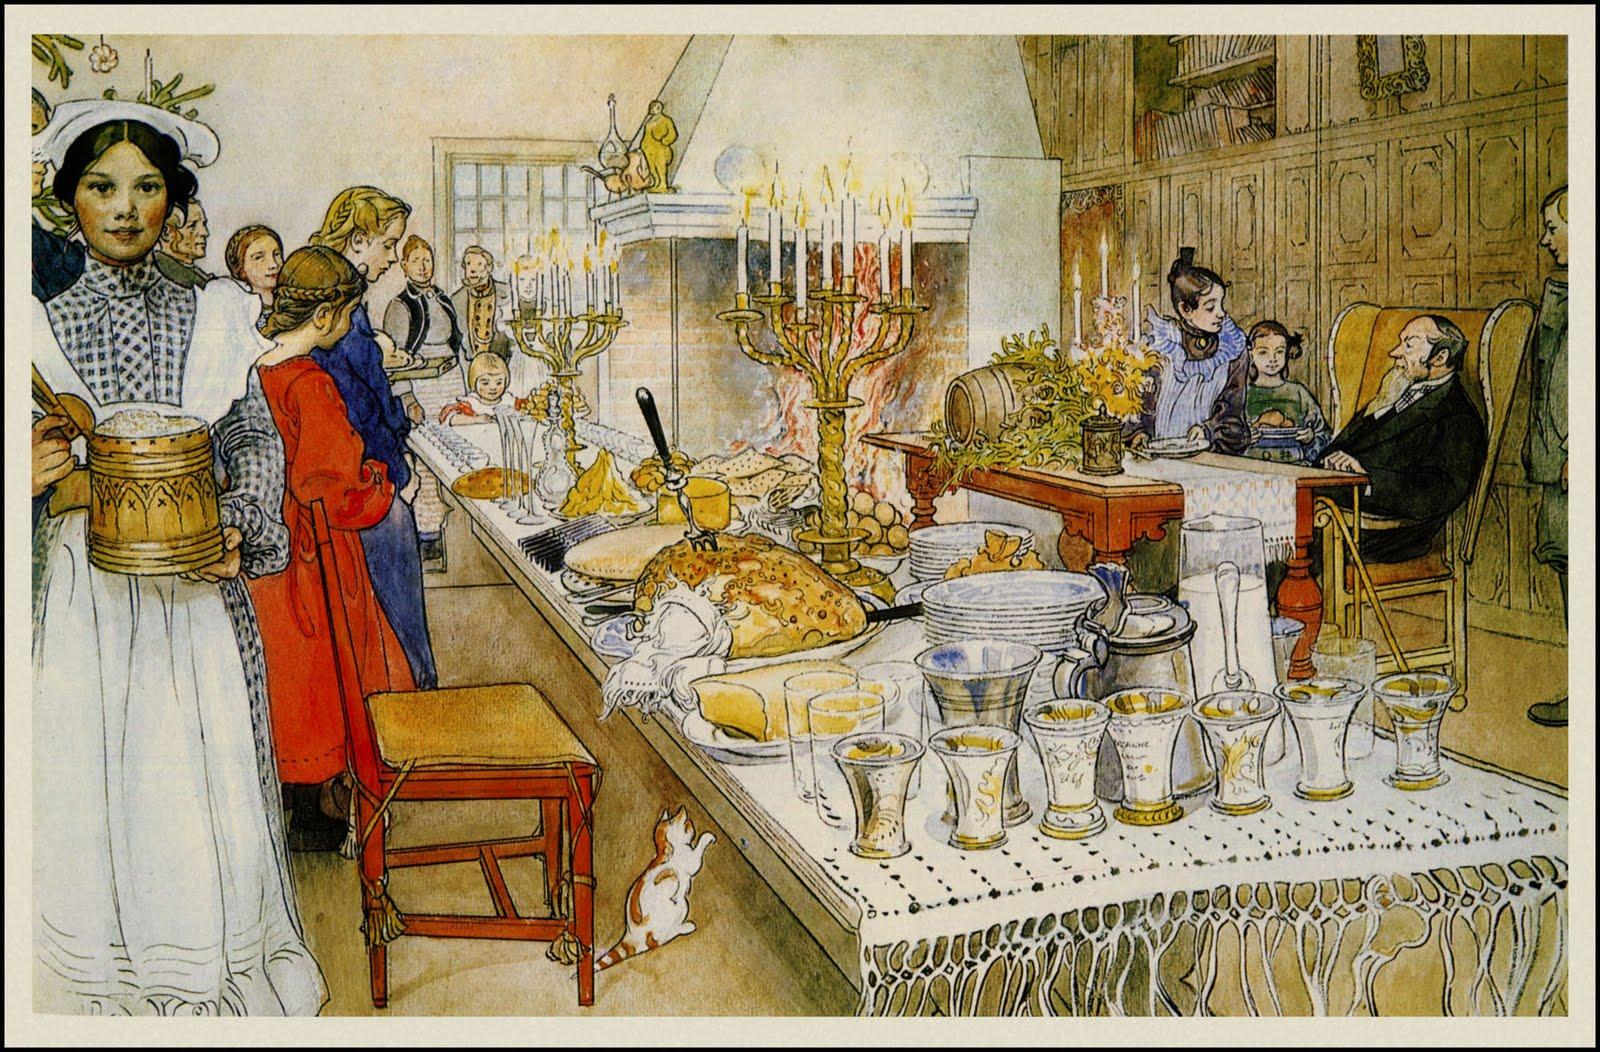 http://1.bp.blogspot.com/-mR9y2k_WM40/TvYGyg1CQ5I/AAAAAAAARc8/TI-DuQQ9uhM/s1600/CarlLarsson_ChristmasEve_ca1904_100.jpg